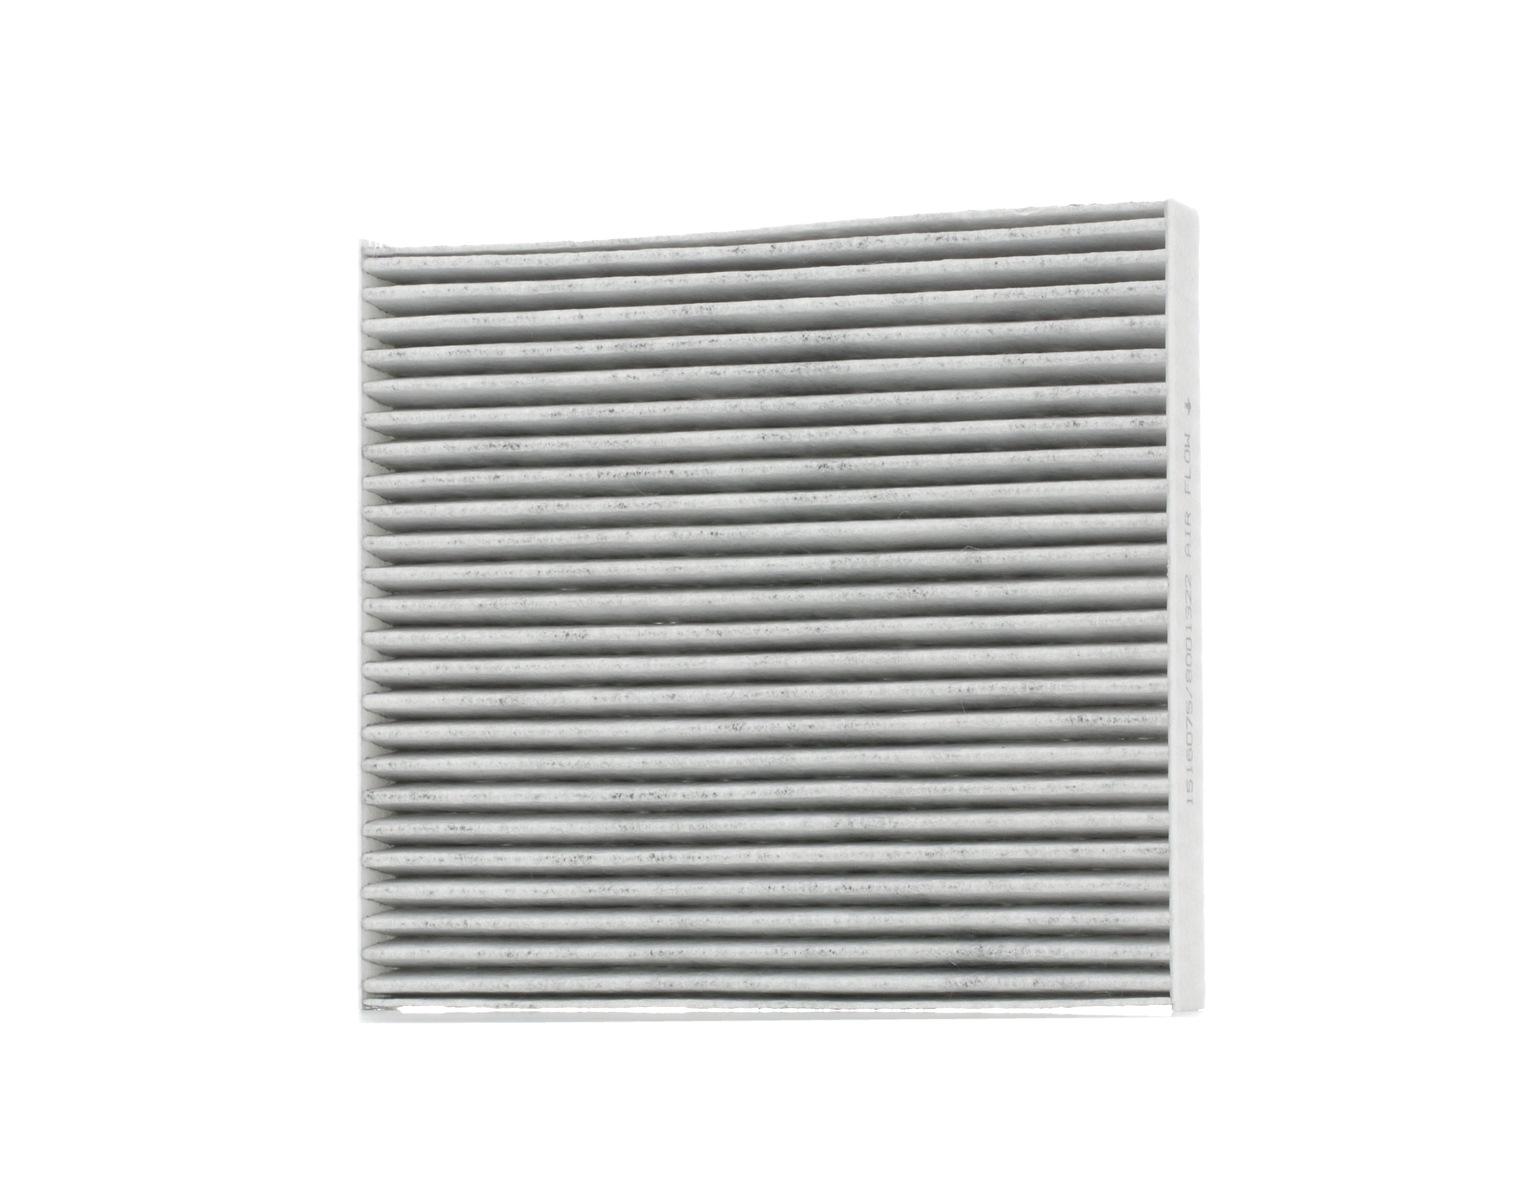 RIDEX: Original Kfz-Klimatisierung 424I0249 (Breite: 197mm, Höhe: 25mm, Länge: 214mm)